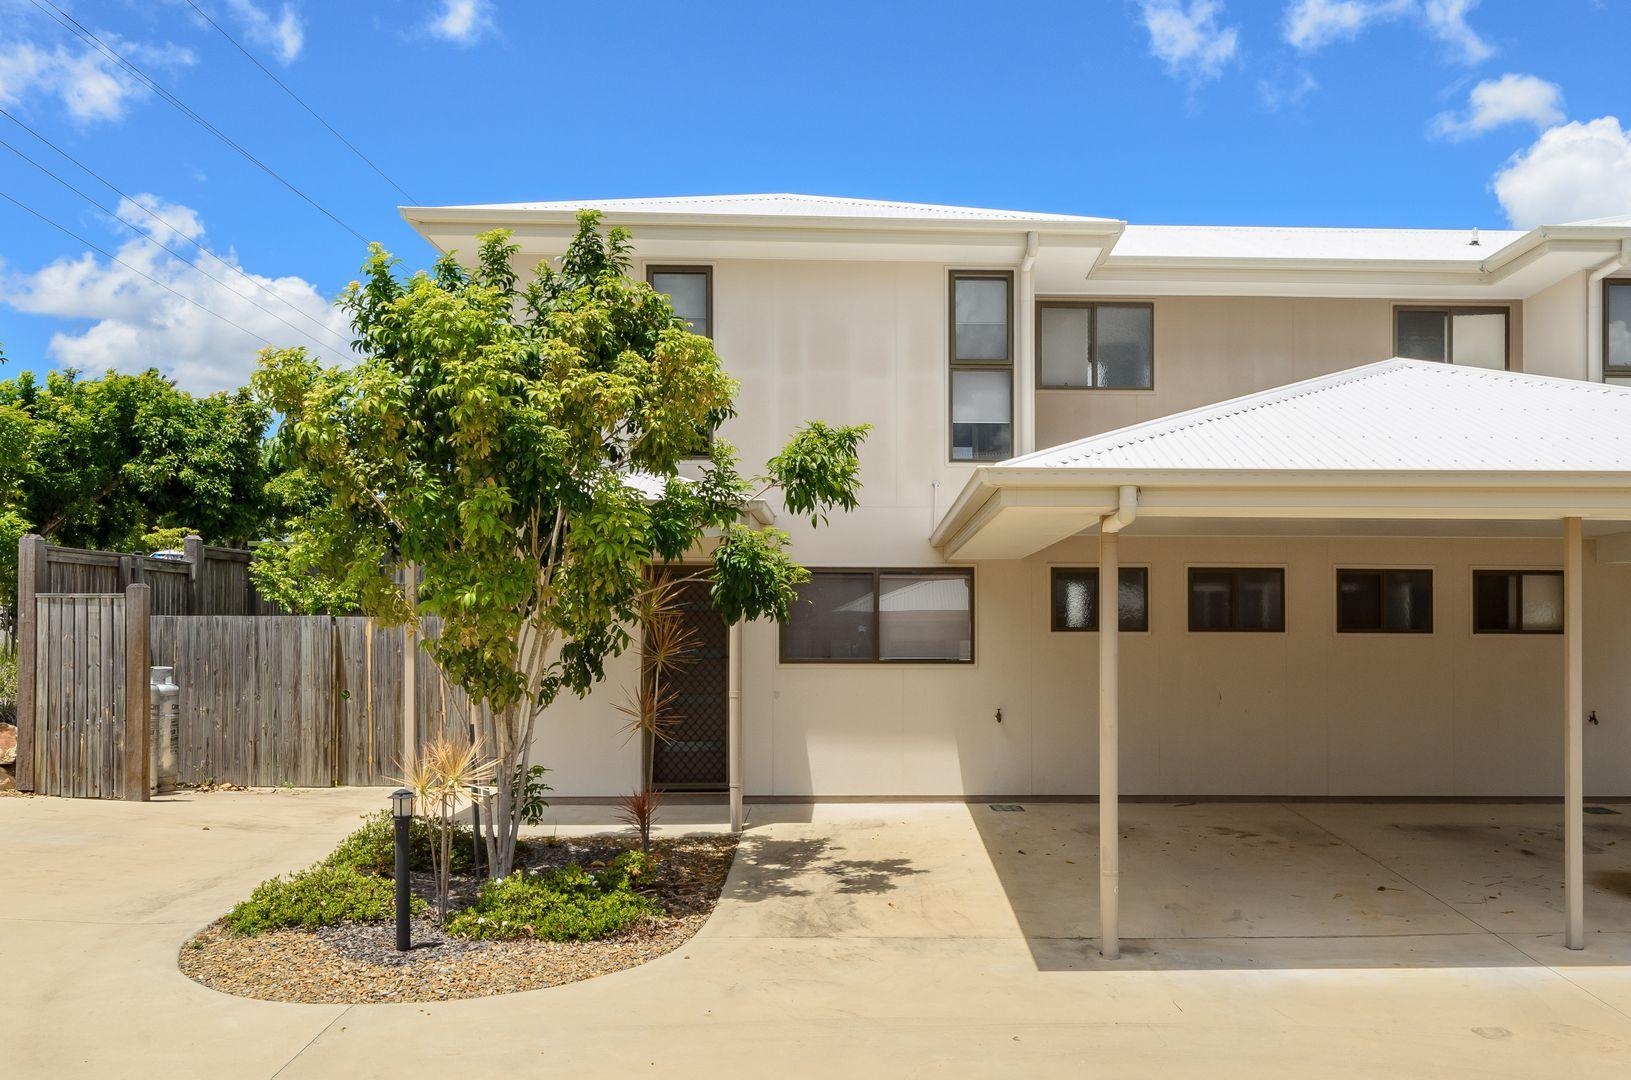 6/9 Morris Avenue, Calliope QLD 4680, Image 0